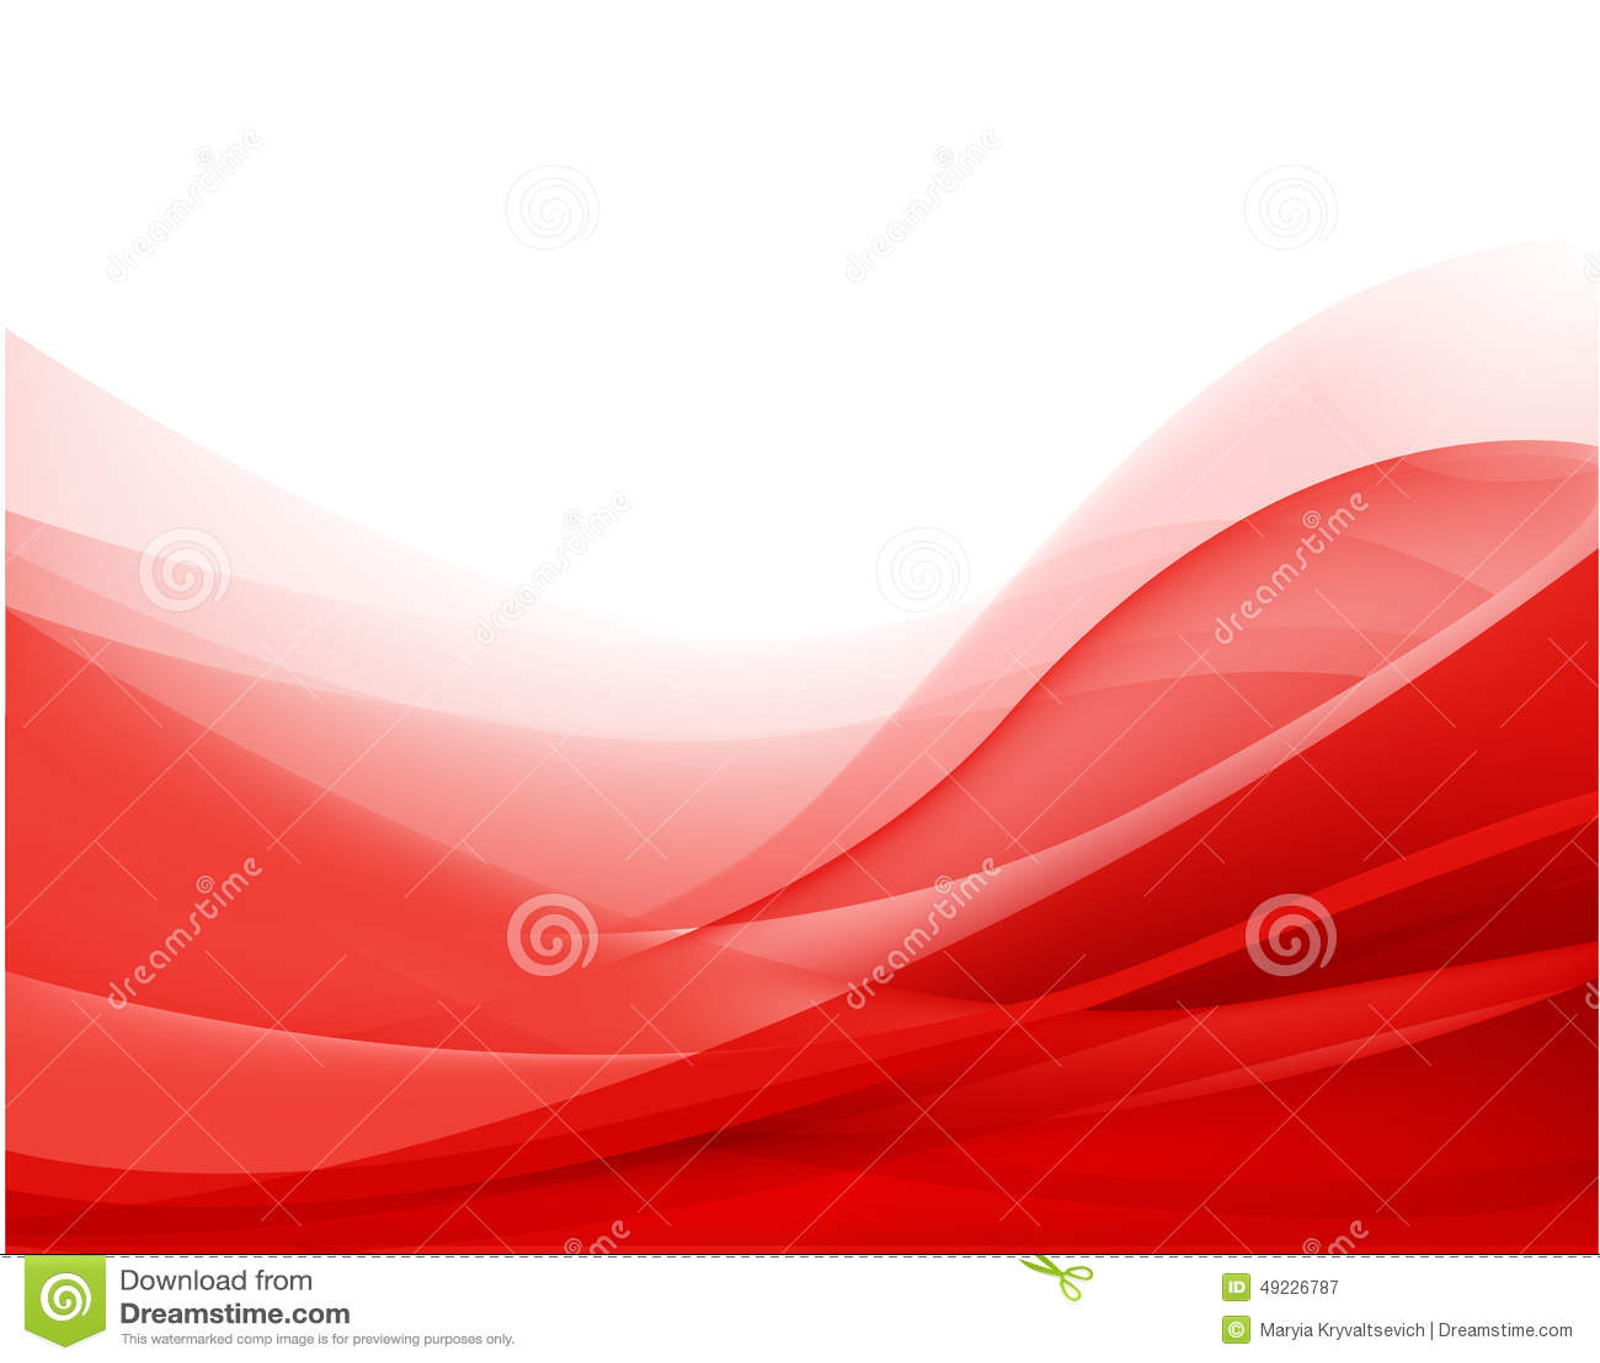 传染媒介抽象红色波浪背景,墙纸